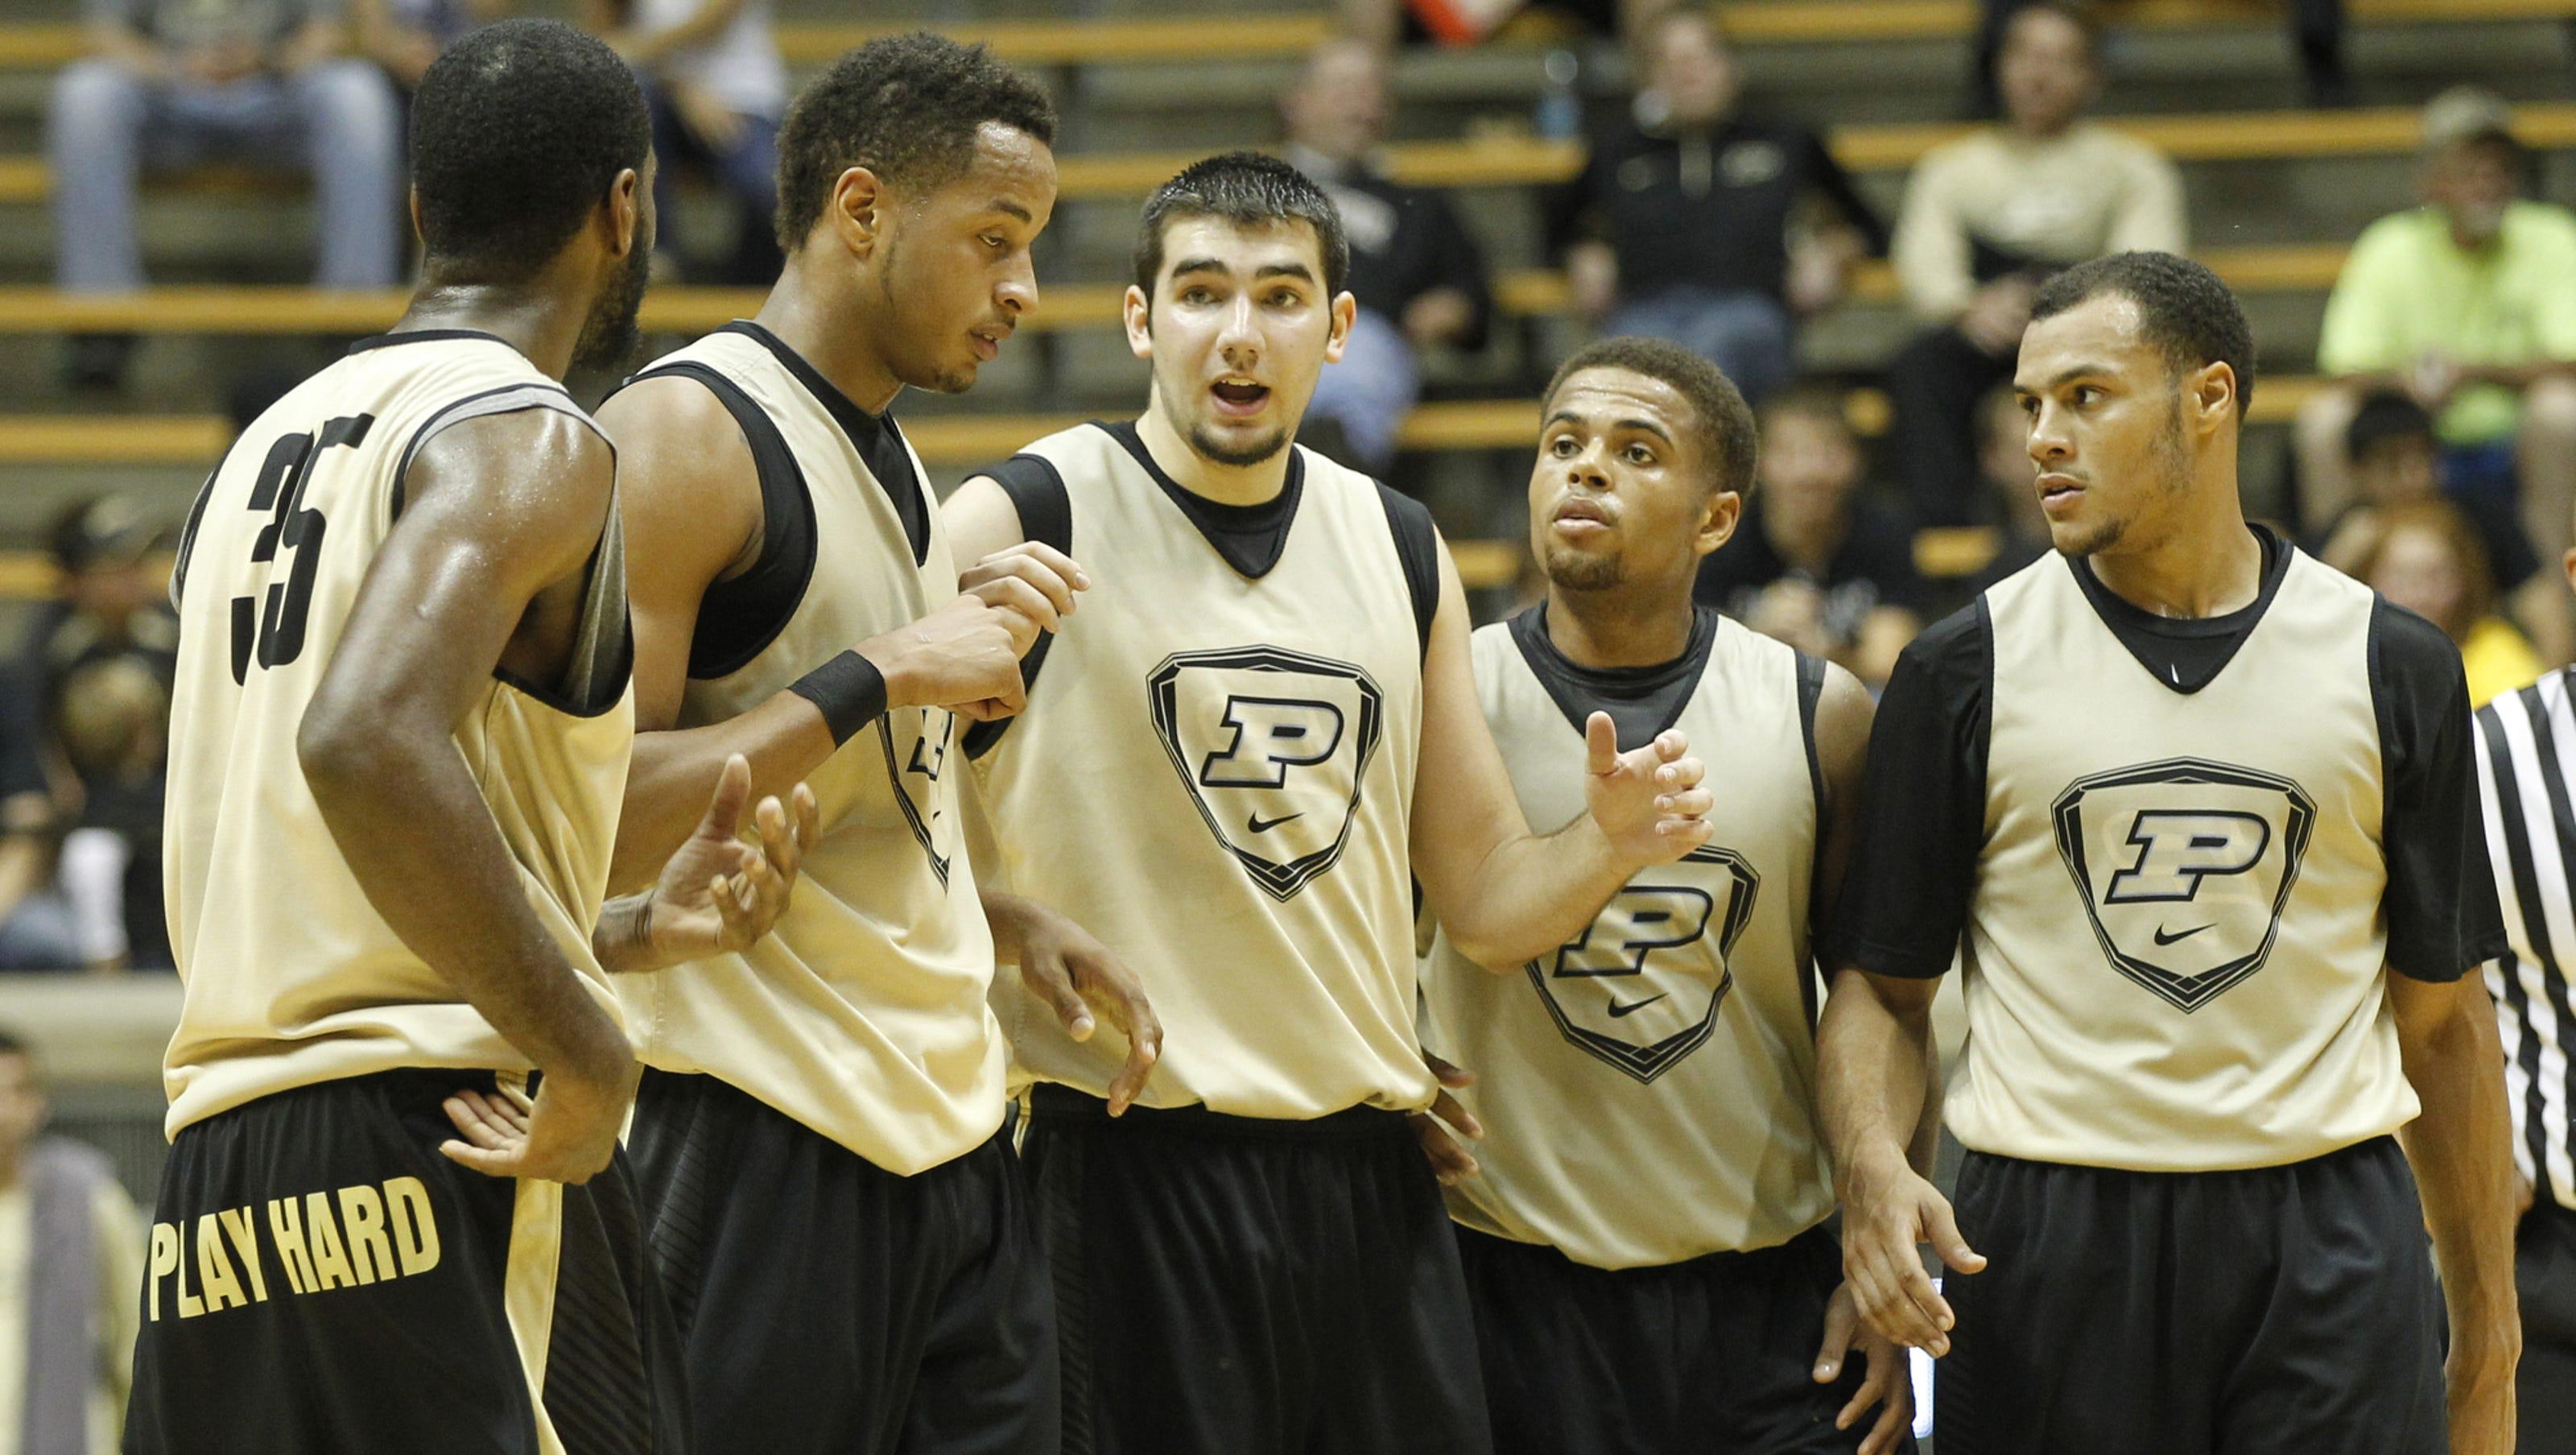 2014 15 Kentucky Wildcats Men S Basketball Team: Meet The 2014-15 Purdue Men's Basketball Team